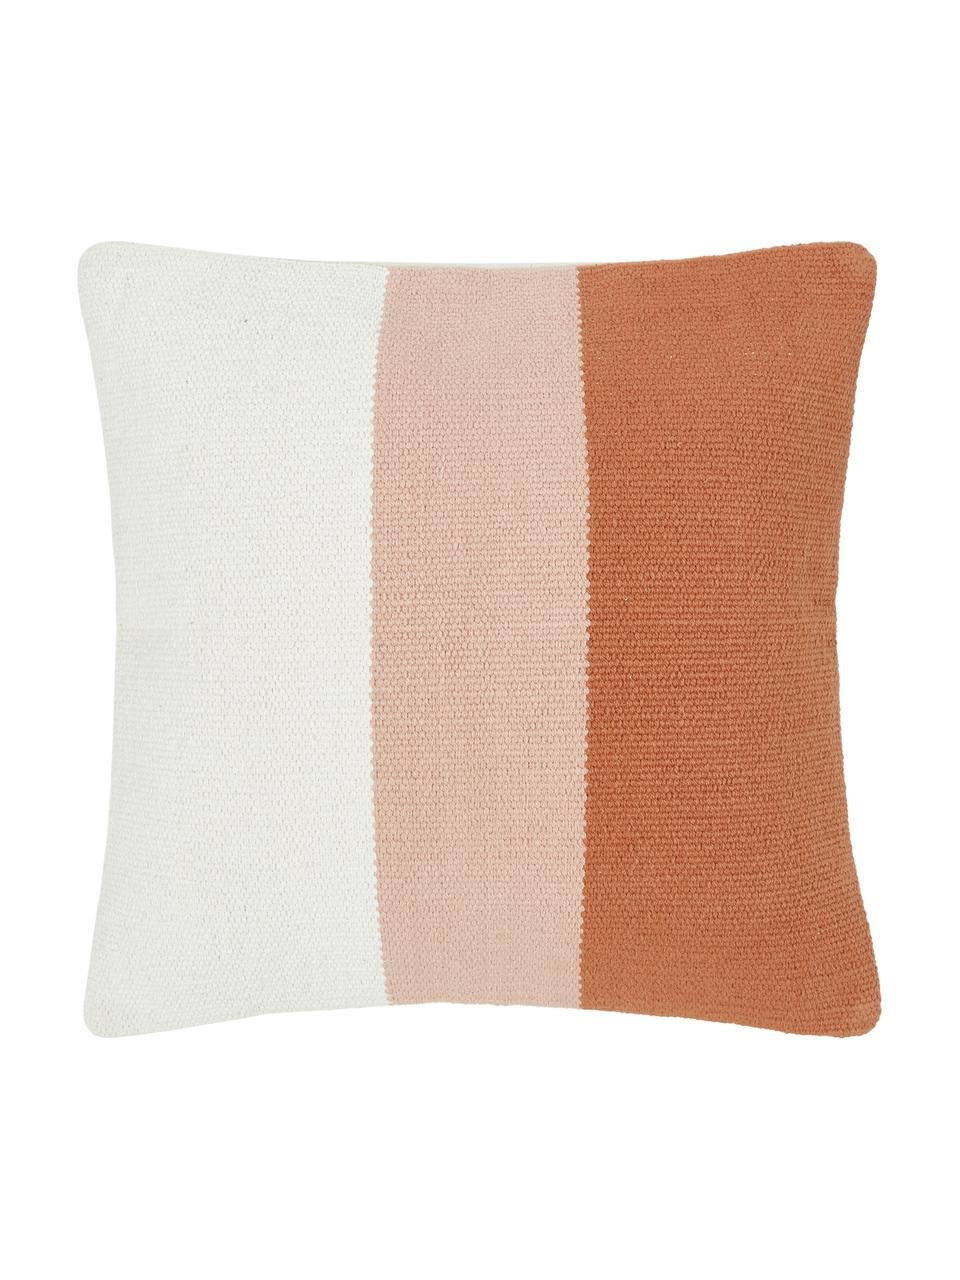 Handgewebte Kissenhülle Lopes mit Streifen, 100% Baumwolle, Orange,Rosa,Weiß, 45 x 45 cm